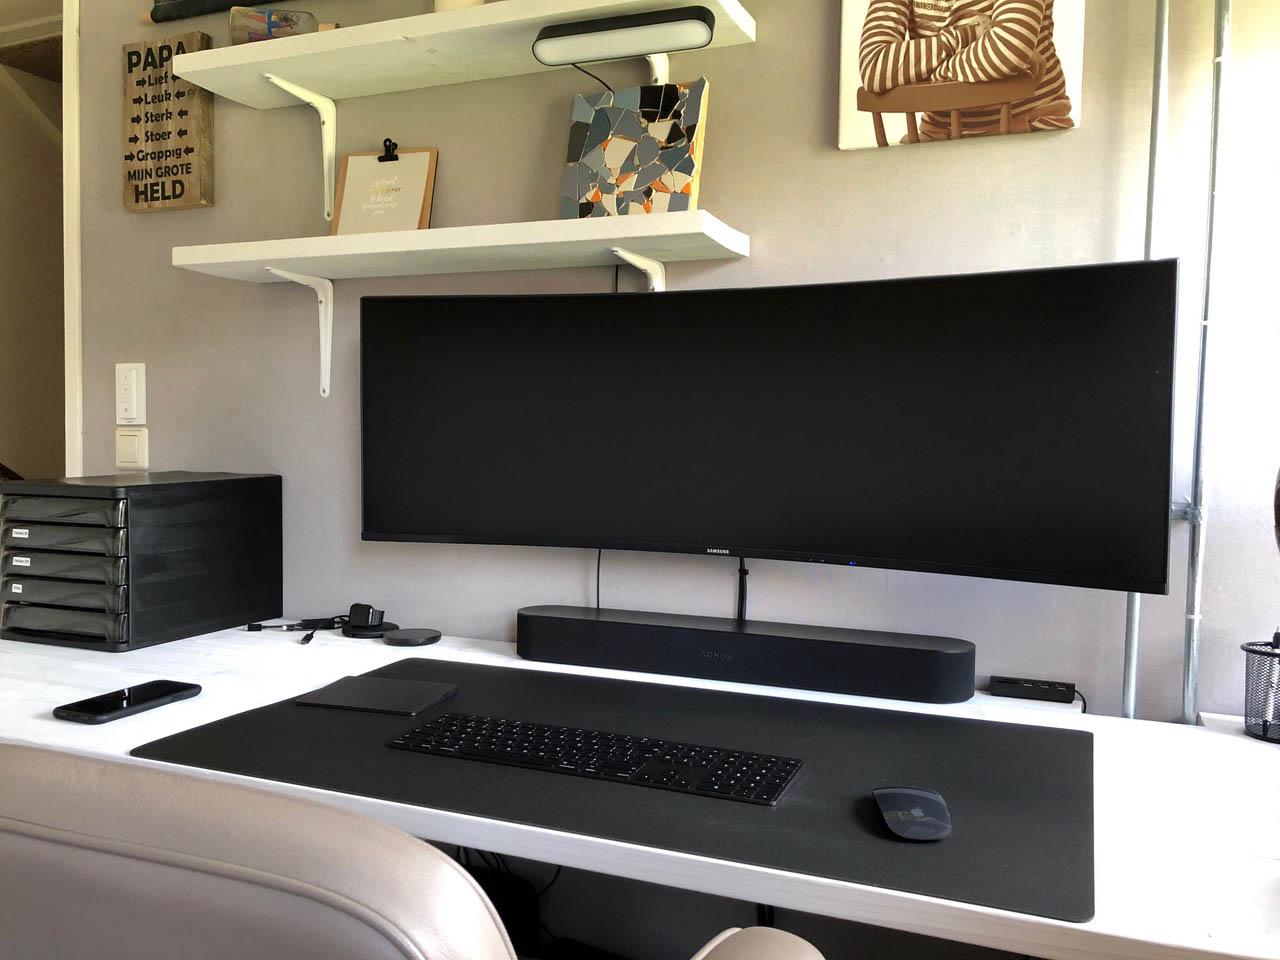 Thuiswerkplek Peter van den Heuvel: Samsung curved beeldscherm